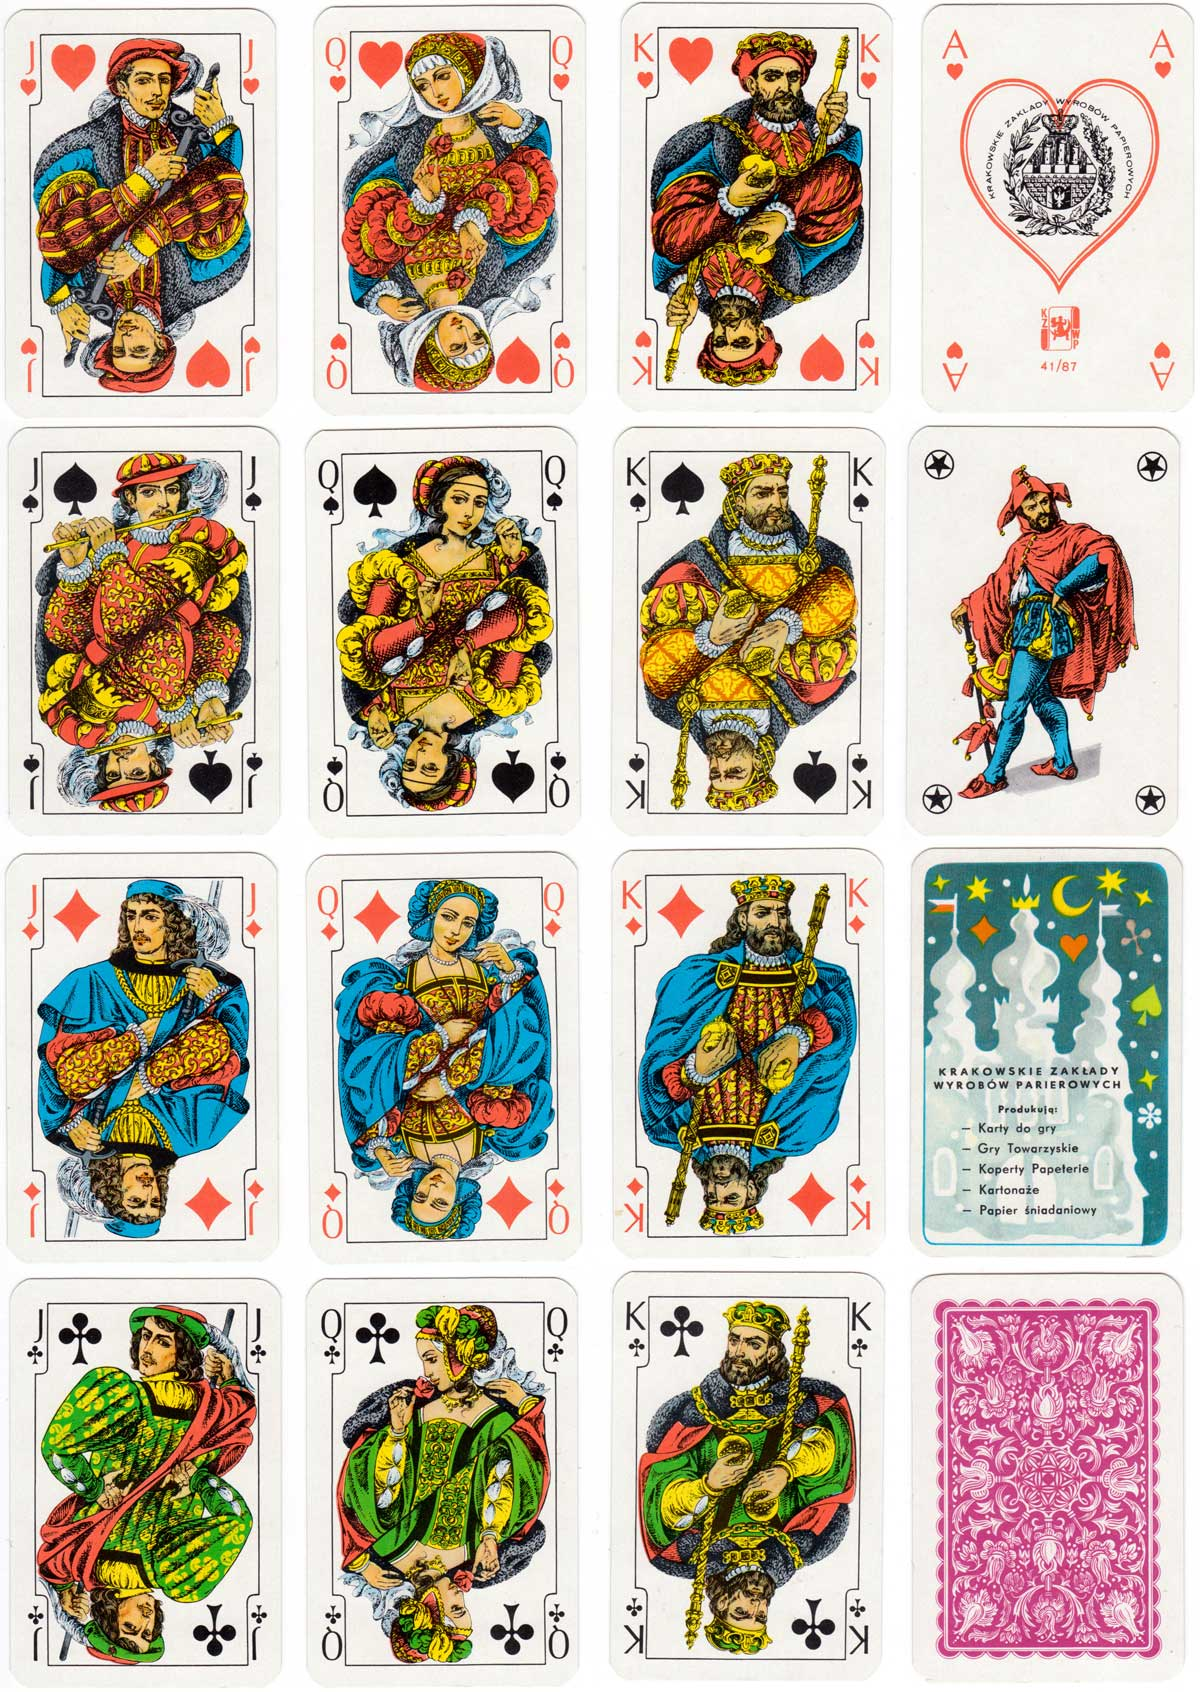 """""""Kasztelańskie No. 460"""" playing cards manufactured by Krakowskie Zaklady Wyrobów Papierowych, c.1980s"""